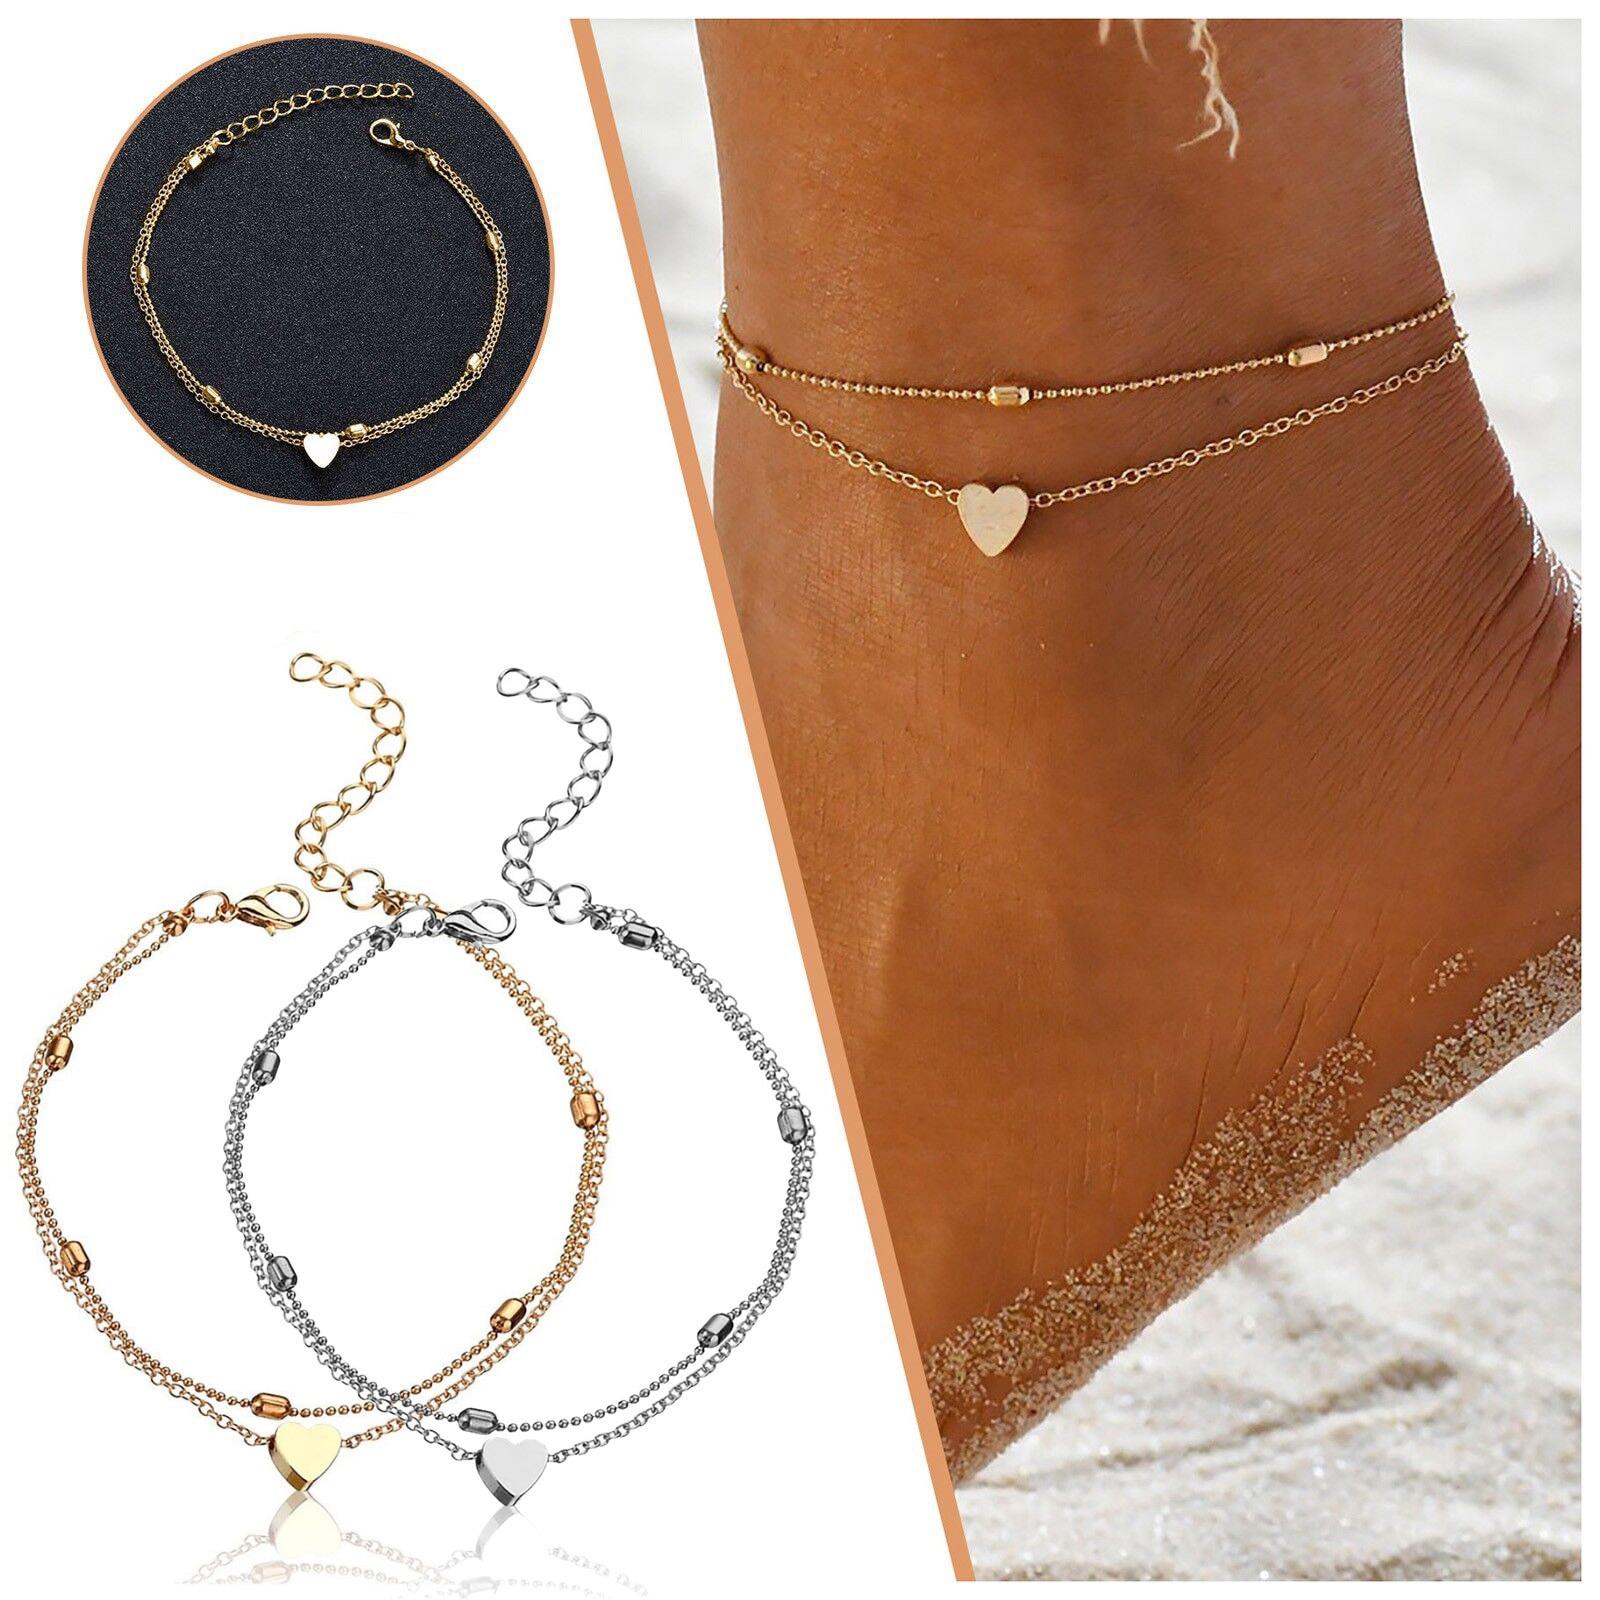 Женские-браслеты-в-форме-сердца-модный-браслет-l-ove-регулируемый-браслет-для-пар-ювелирные-изделия-2-шт